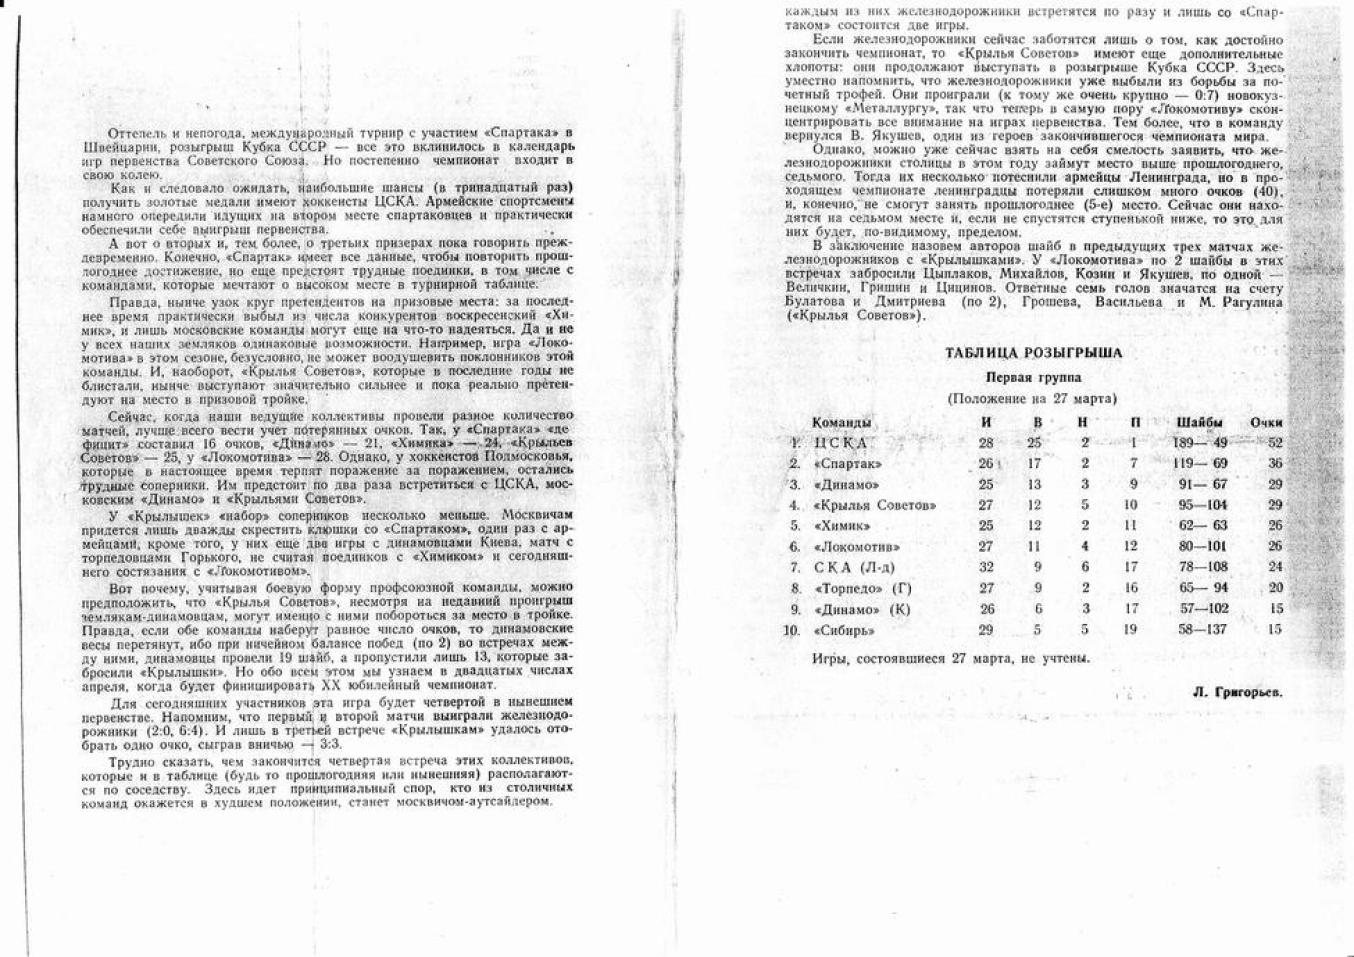 1966.03.28. Локомотив - Крылья Советов (Чм. СССР)_02.png